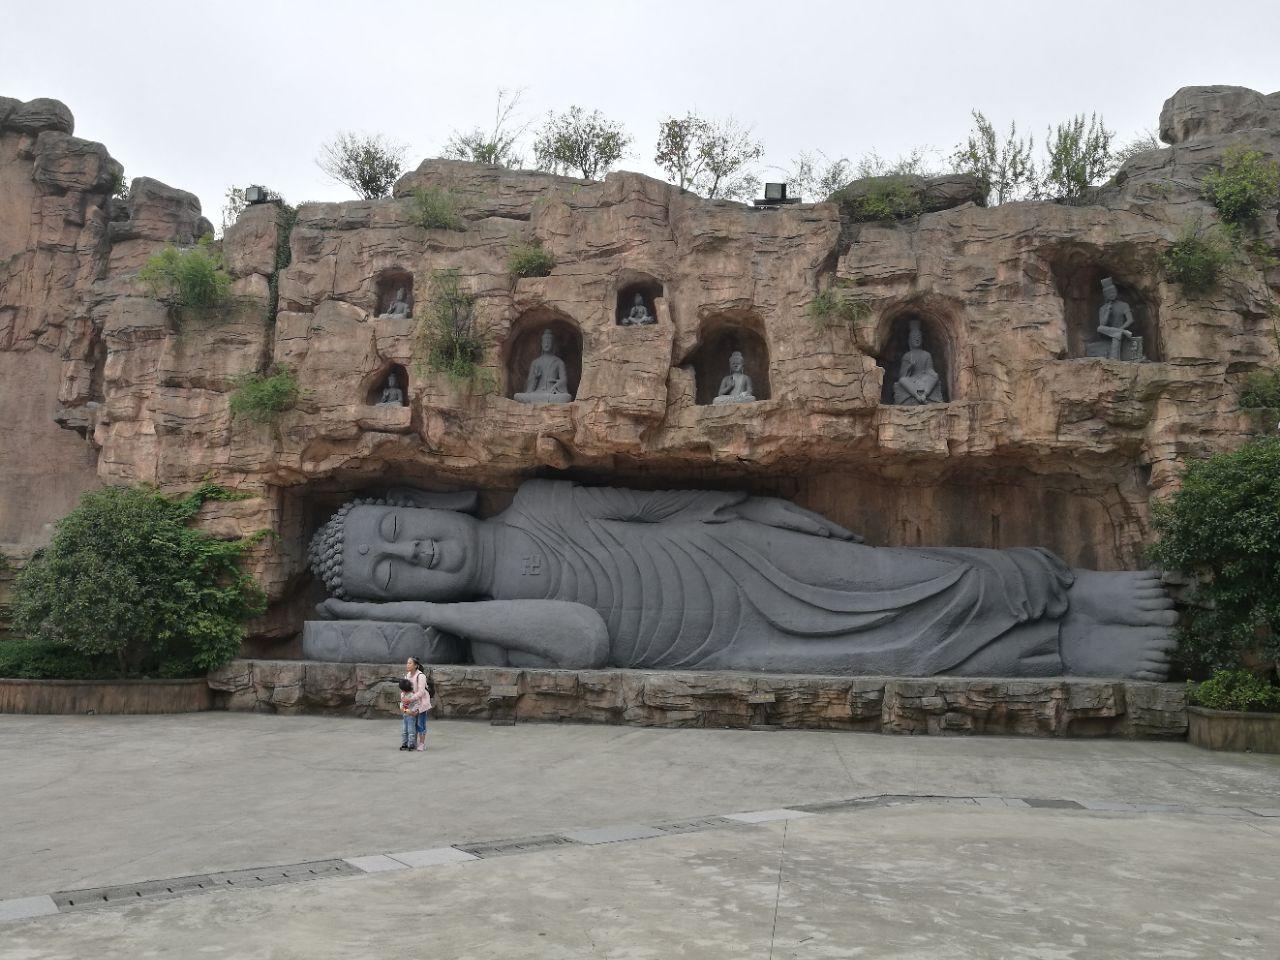 杭州灵隐(飞来峰)花园旅游景点攻略图景区梦幻攻略82图片